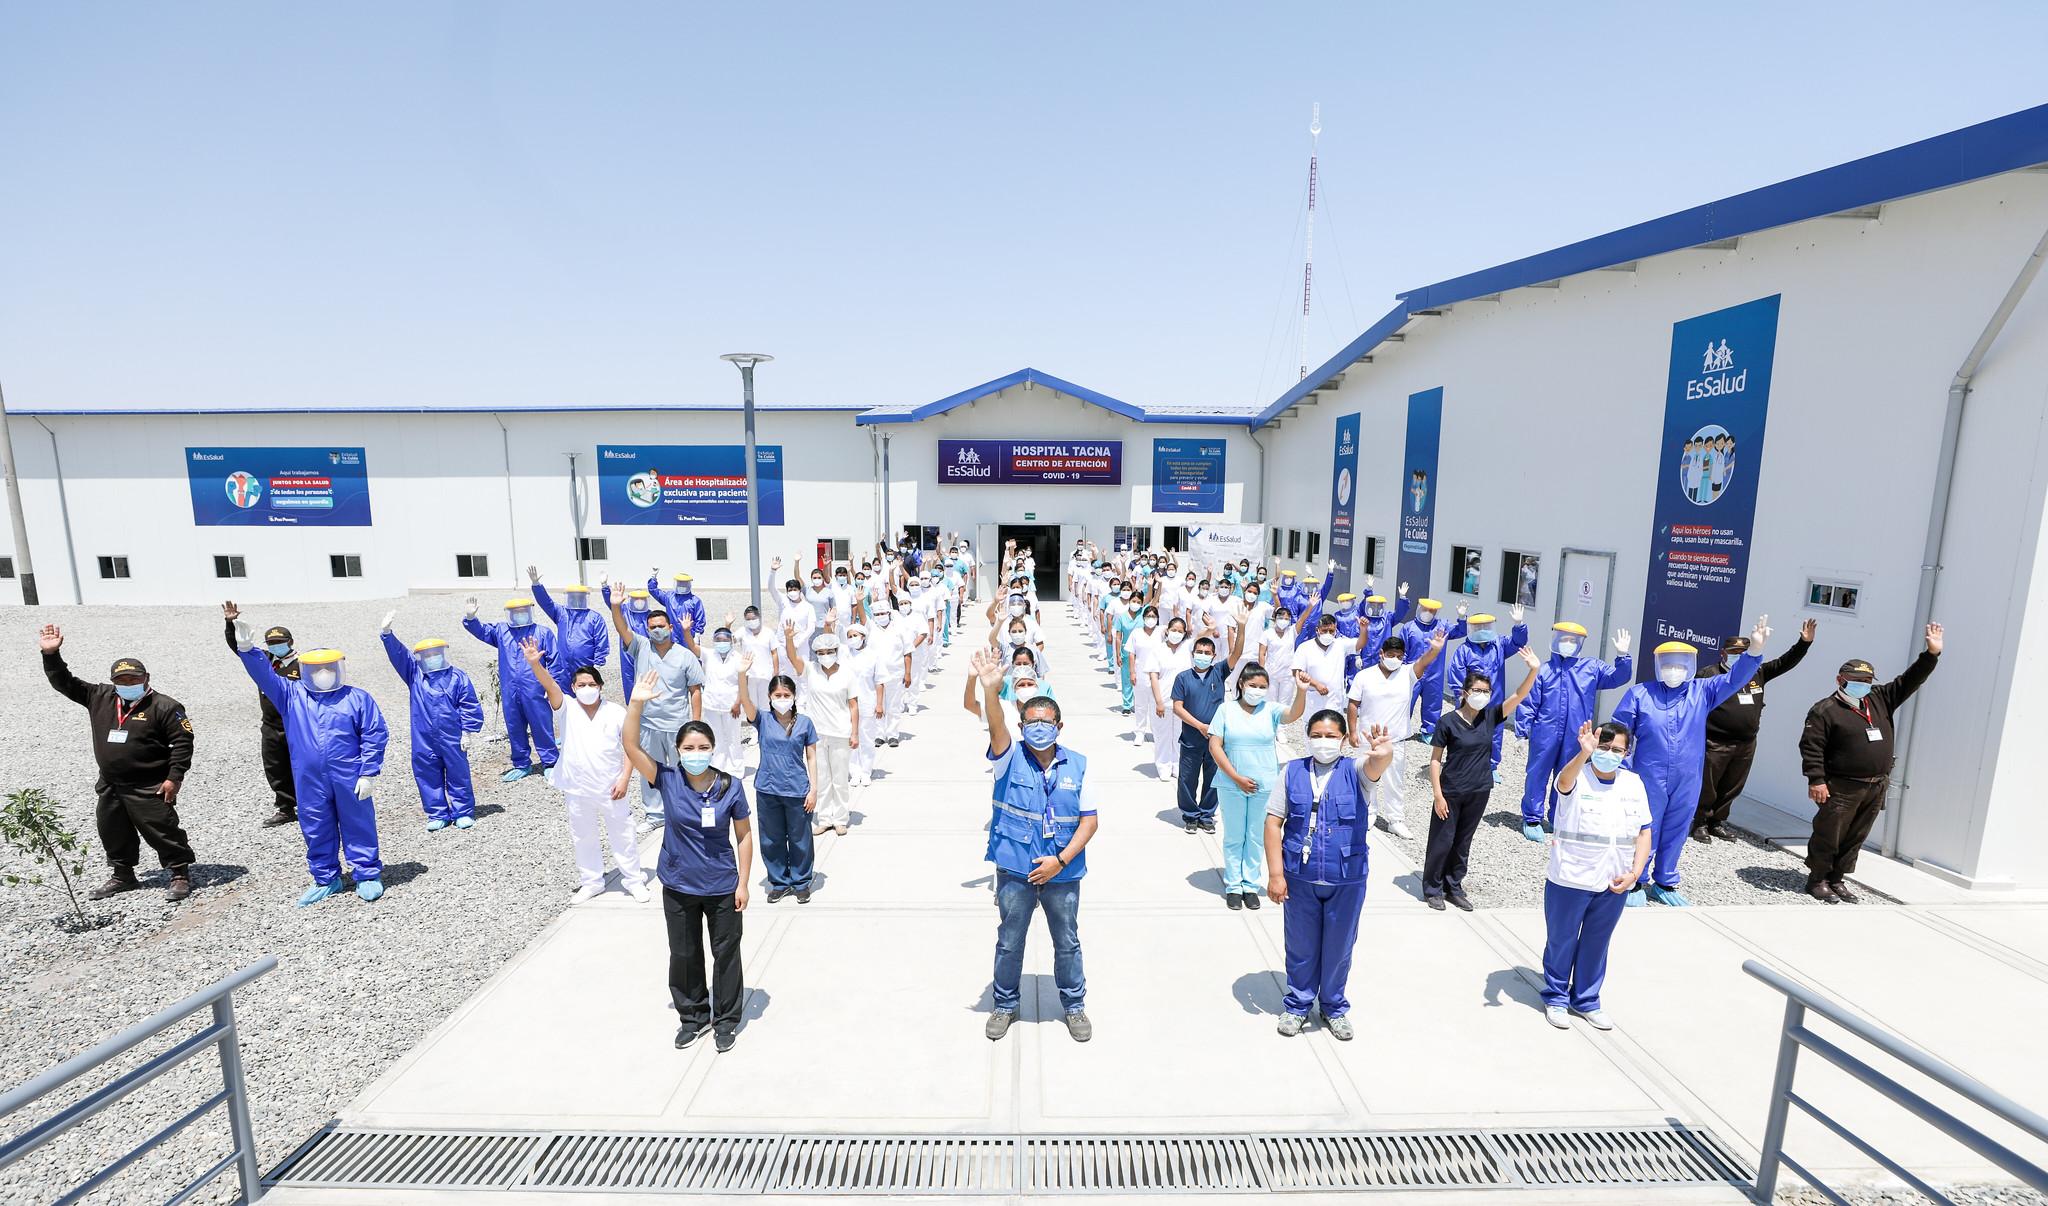 Essalud - Presidente Vizcarra y titular de EsSalud Fiorella Molinelli pusieron en marcha Centro de Atención Covid-19 en Tacna implementado por el seguro social en solo 14 días